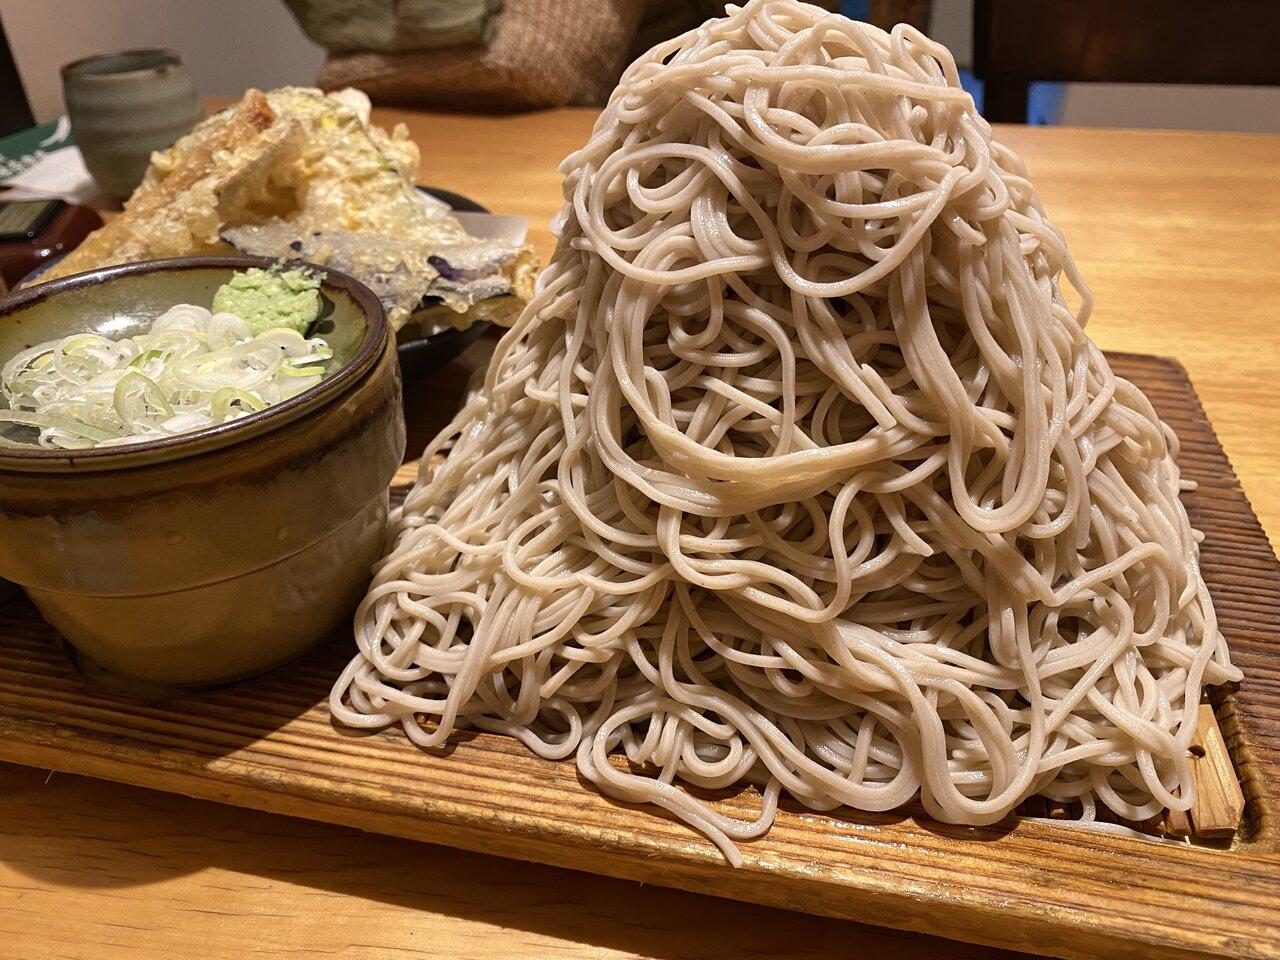 重さ1㎏!『富士山盛り』を実食レビュー!神奈川県民が推す味奈登庵の絶品そば